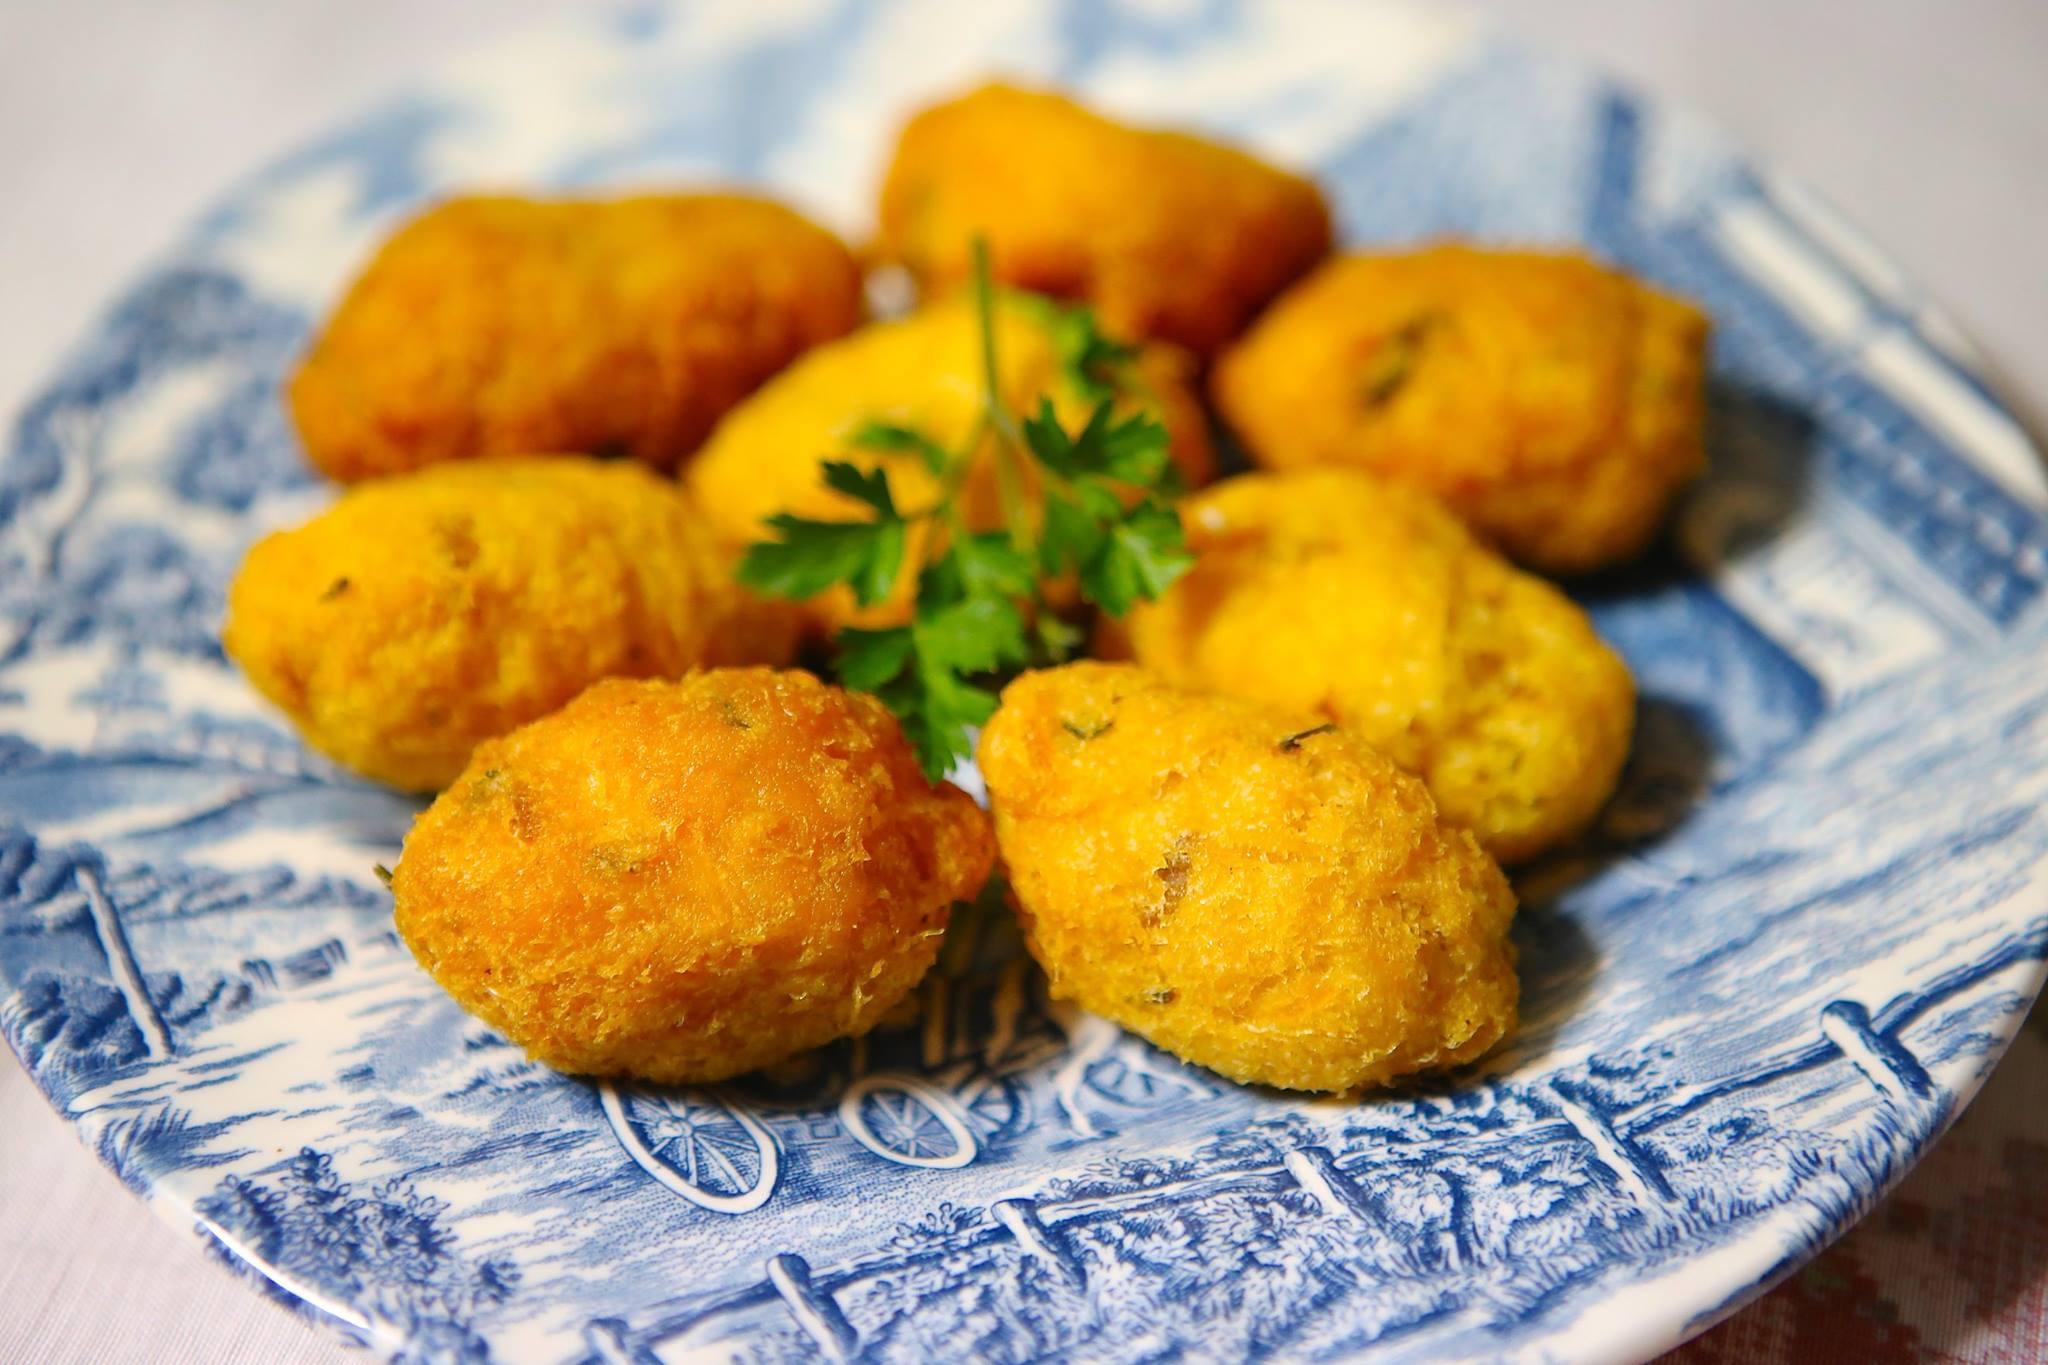 Melhores petiscos de Portugal - Comidas típicas de Portugal - Gastronomia tradicional portuguesa - Pratos típicos de Portugal - Culinaria portuguesa